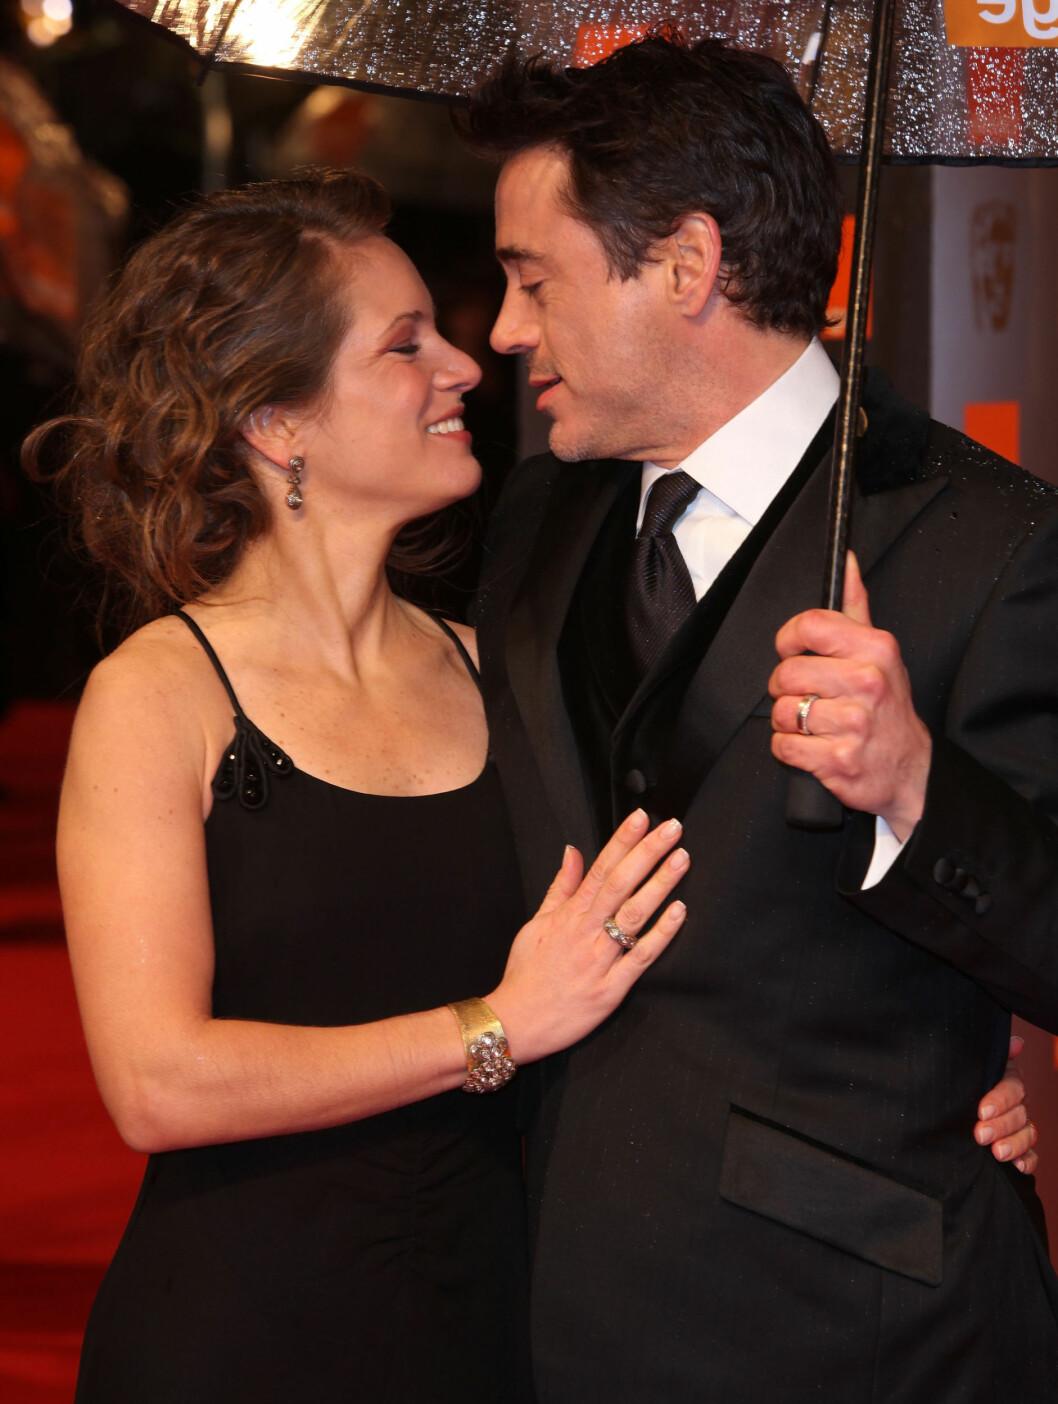 FORELSKET:  Robert Downey Jr. vil kysse kona Susan. Han gir henne æren for at han har kuttet ut sprit og kokain. Foto: All Over Press